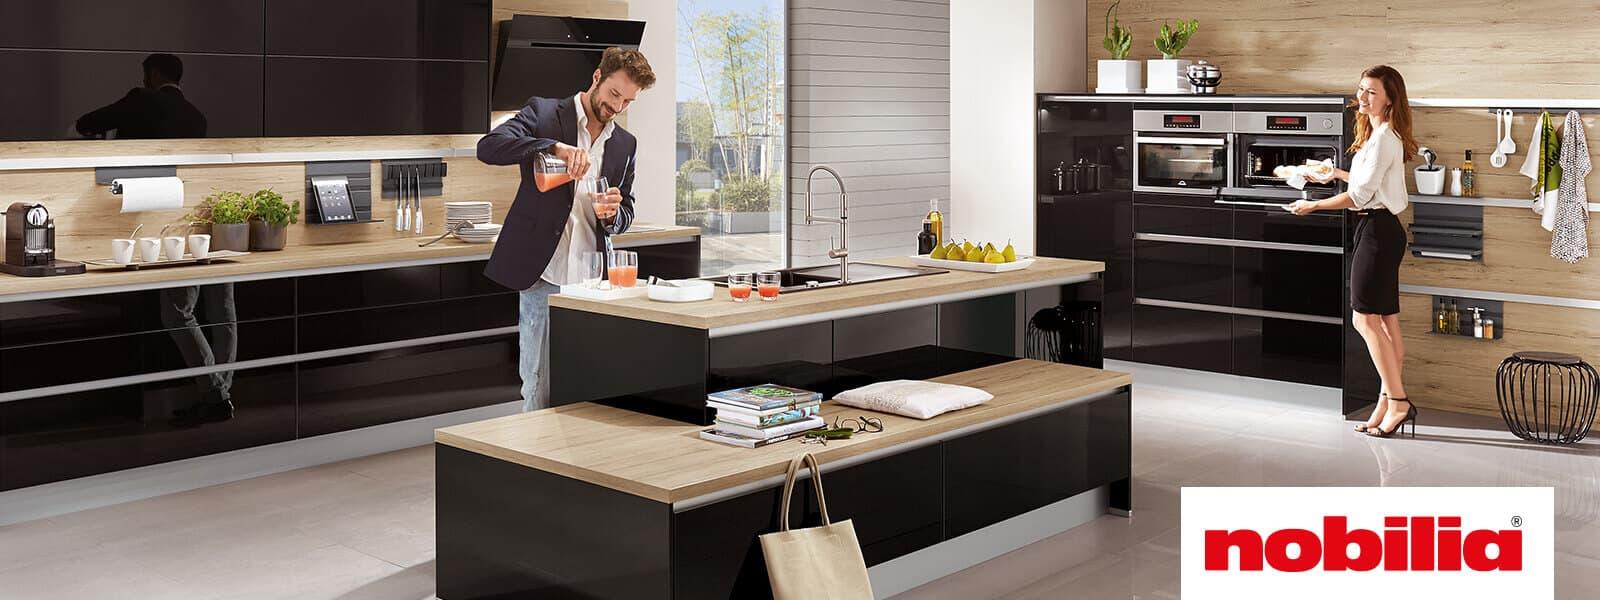 Full Size of Nobilia Eckschrank Focus Minimalistisches Design Moderner Stil Küche Schlafzimmer Bad Einbauküche Wohnzimmer Nobilia Eckschrank